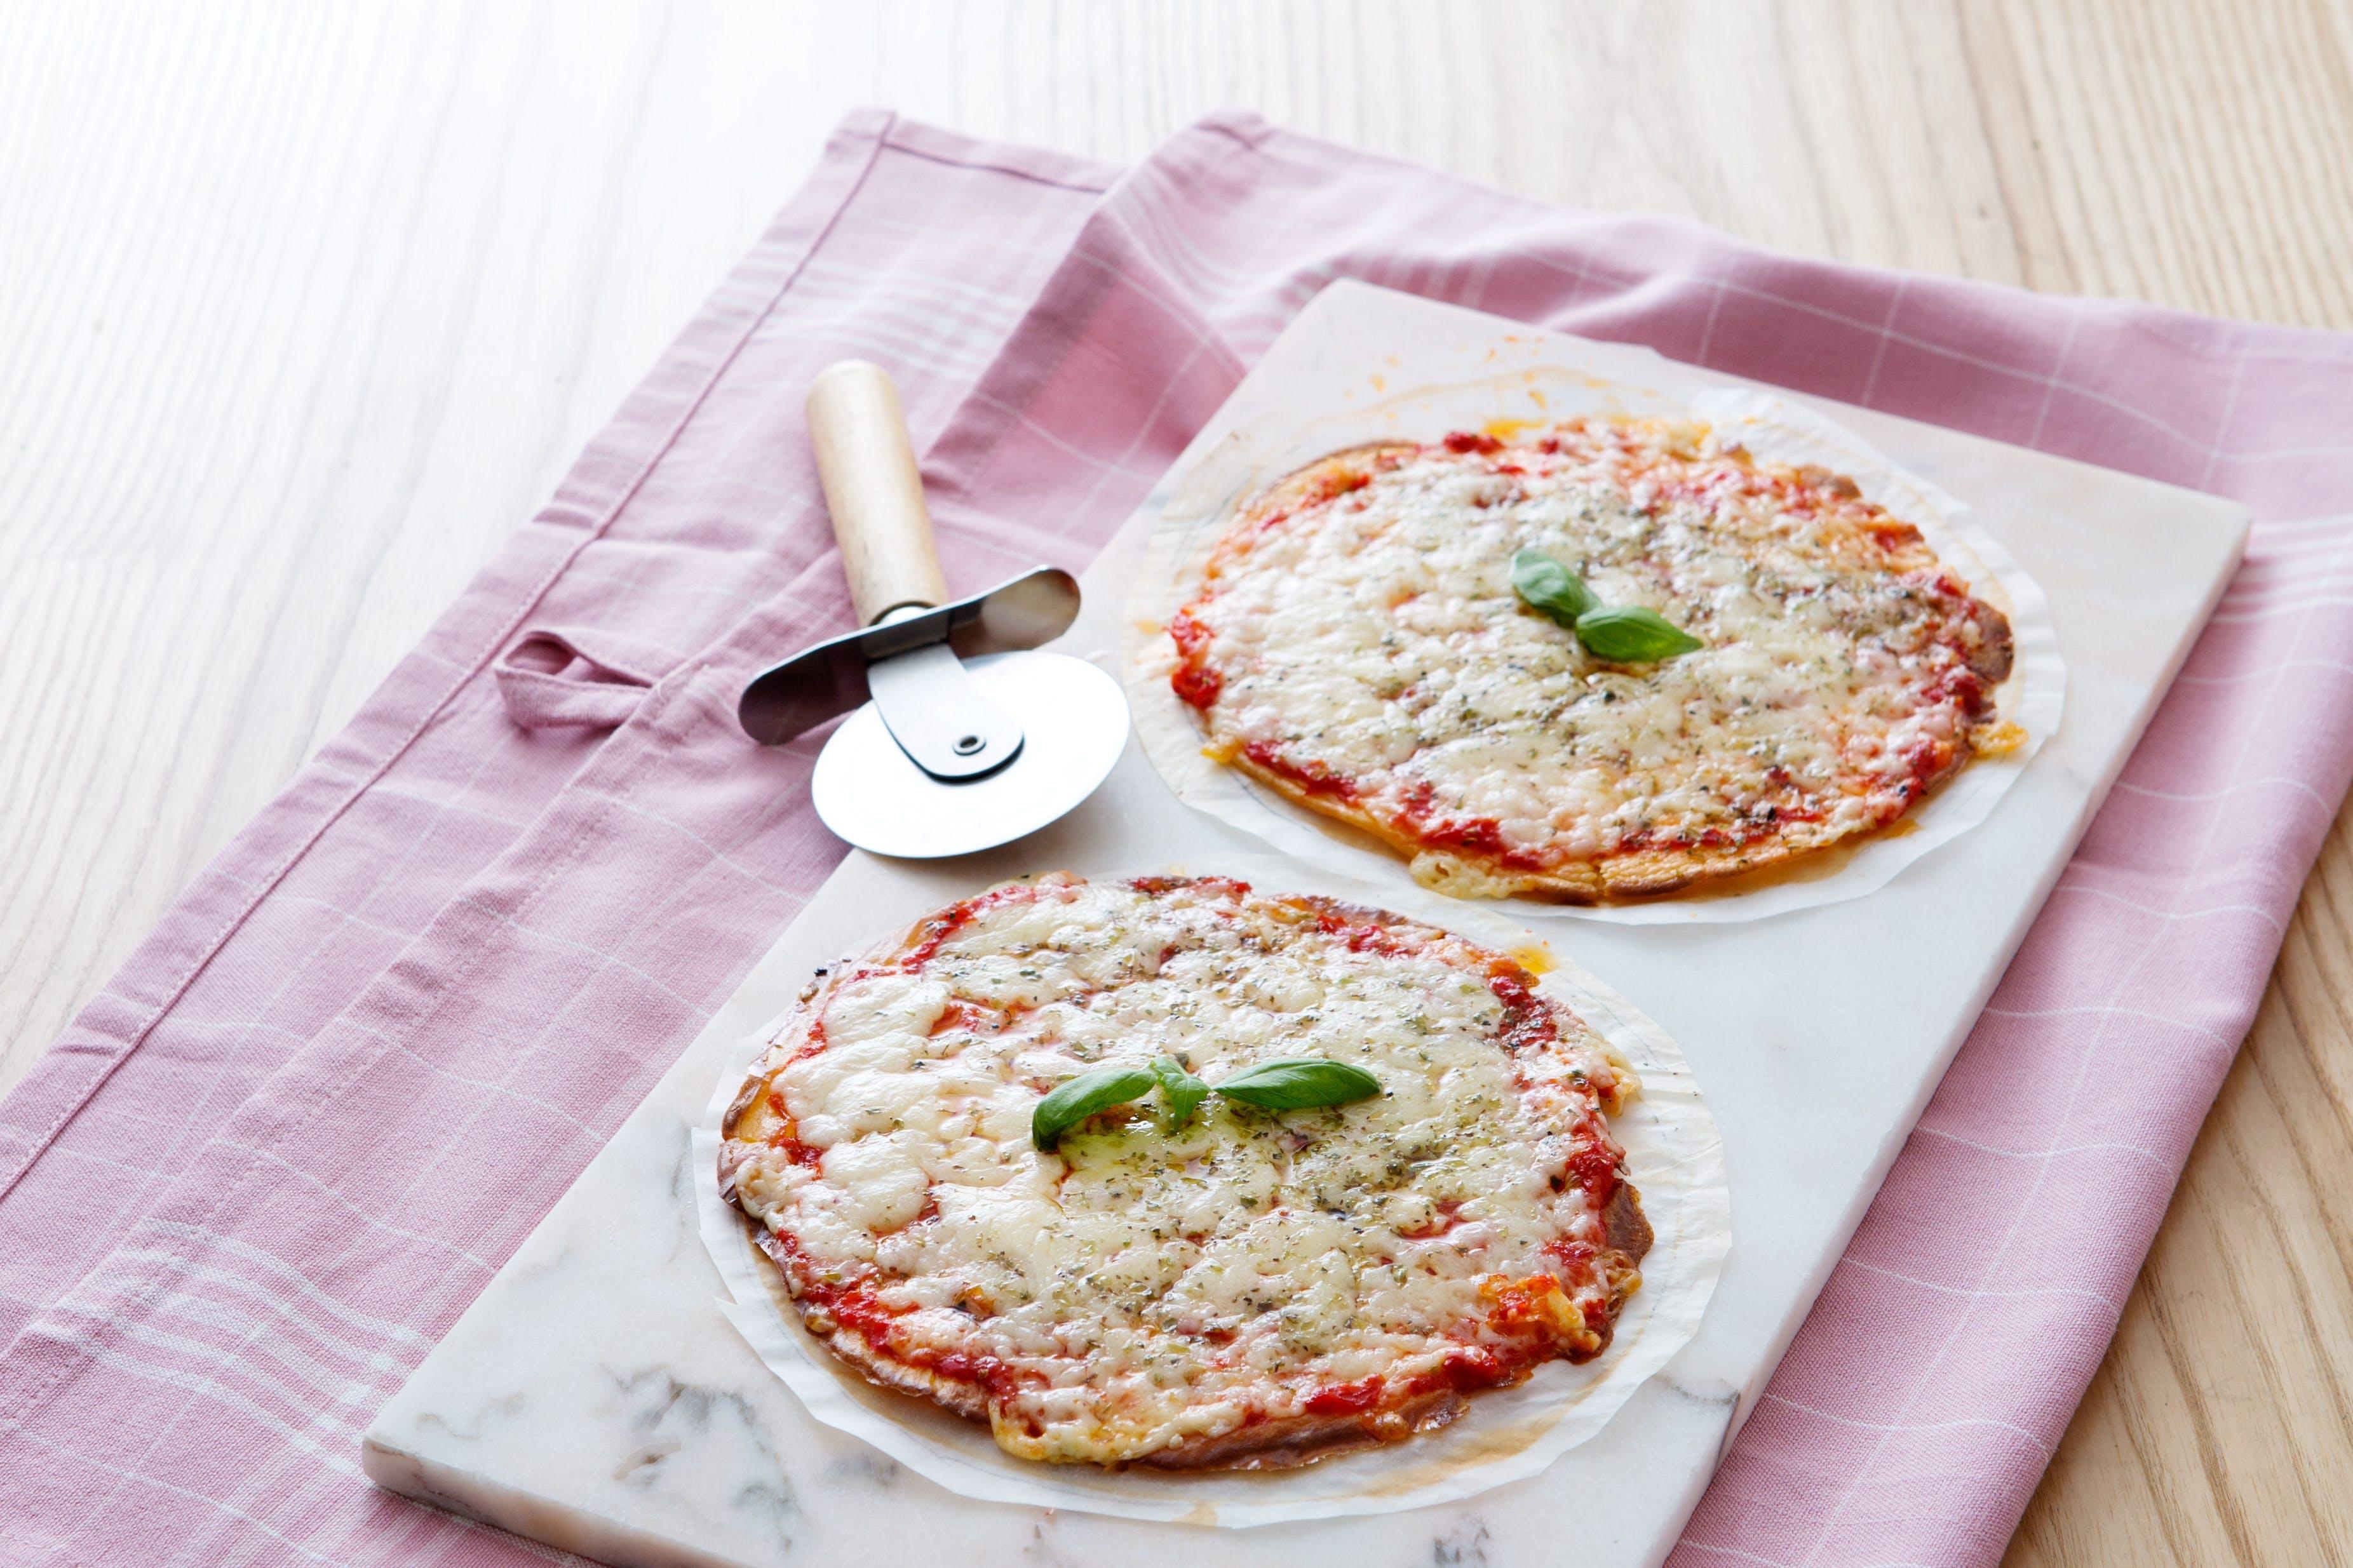 Low-carb tortilla pizza